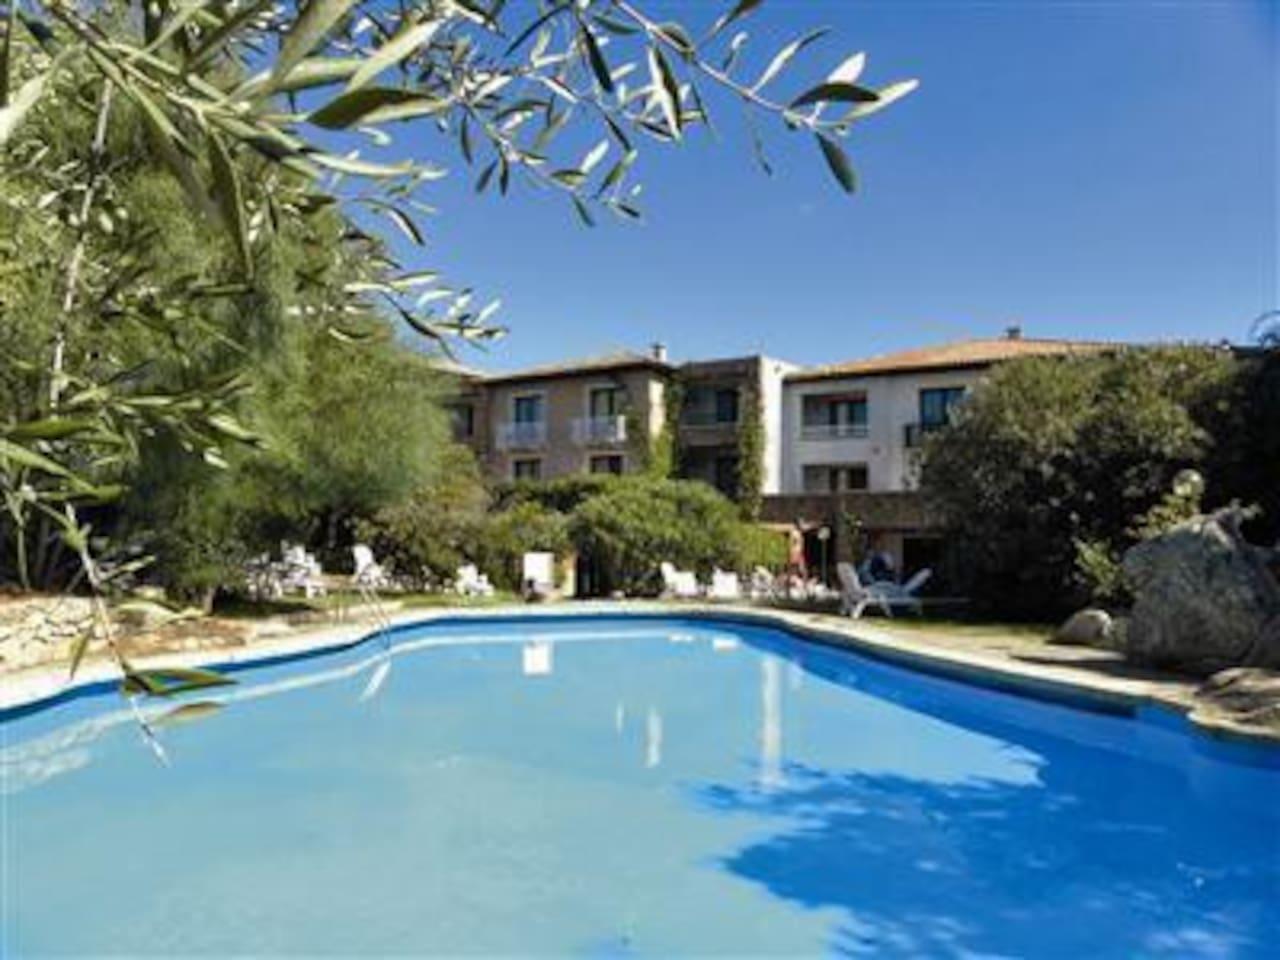 La piscina del residence accessibile agli ospiti